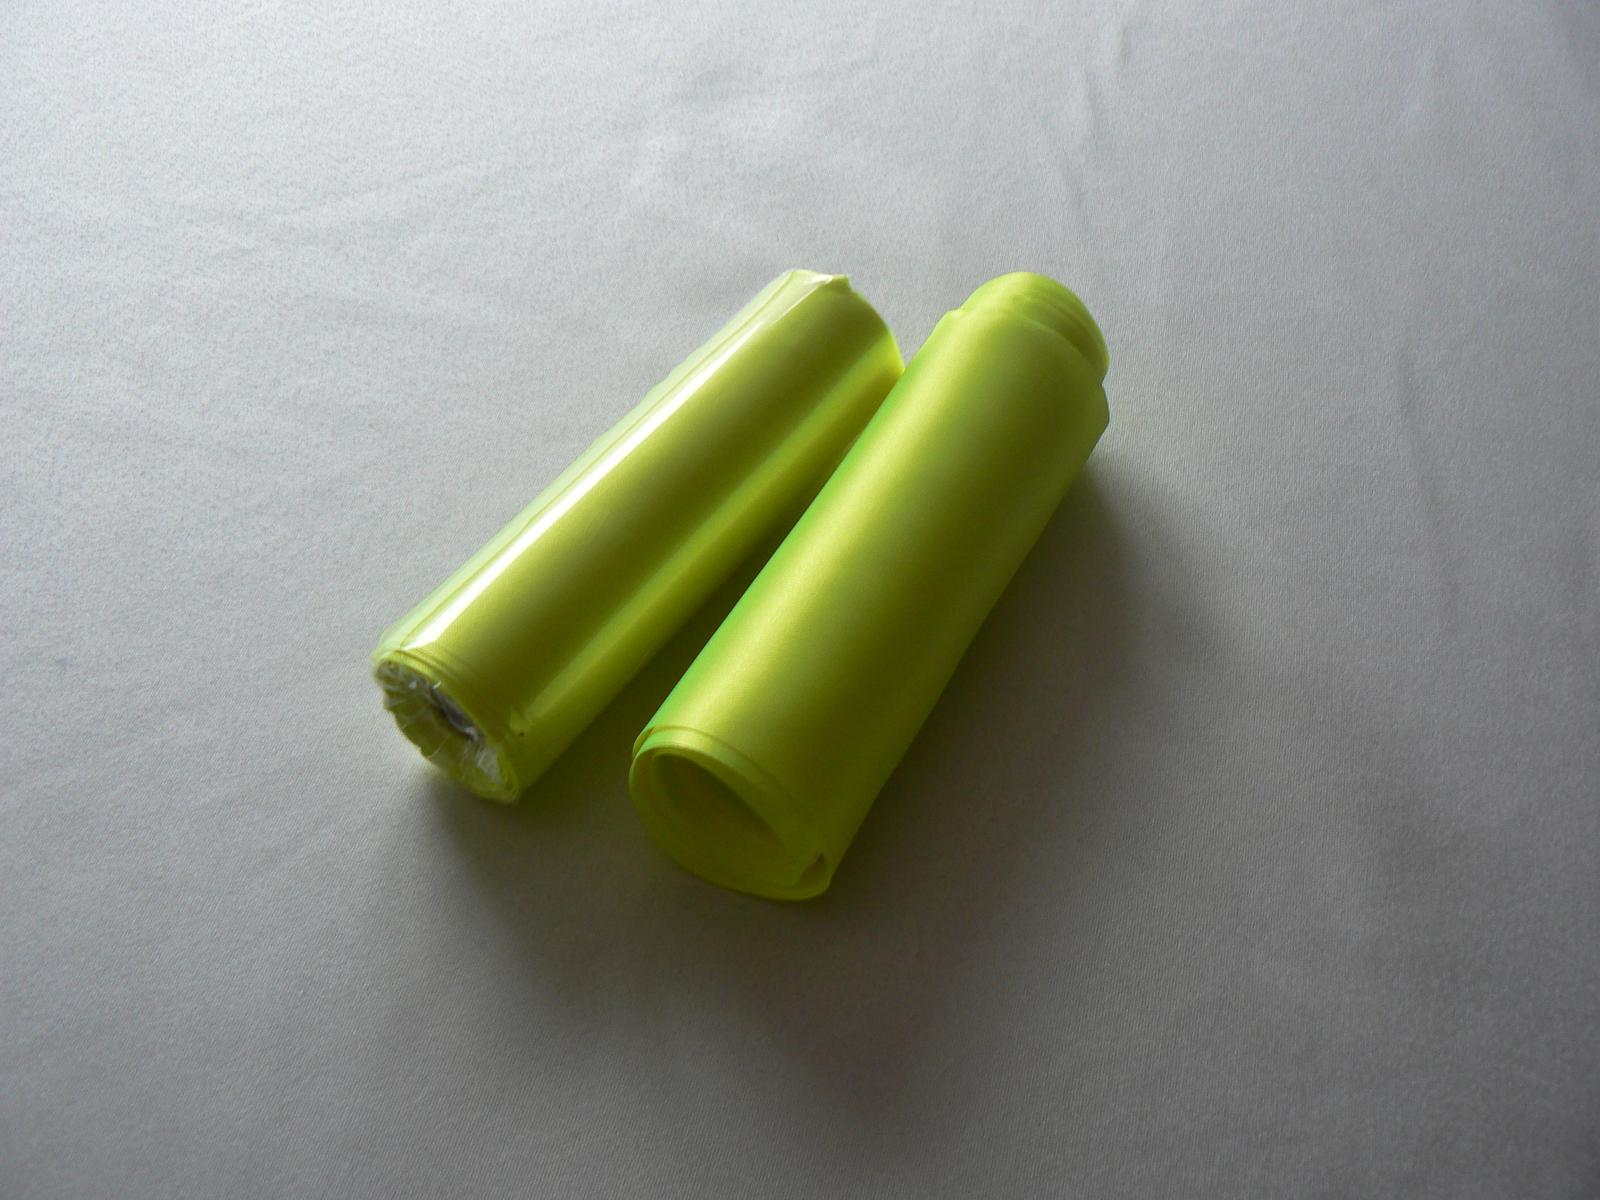 saténová stuha výrazná zelenožltá - Obrázok č. 1